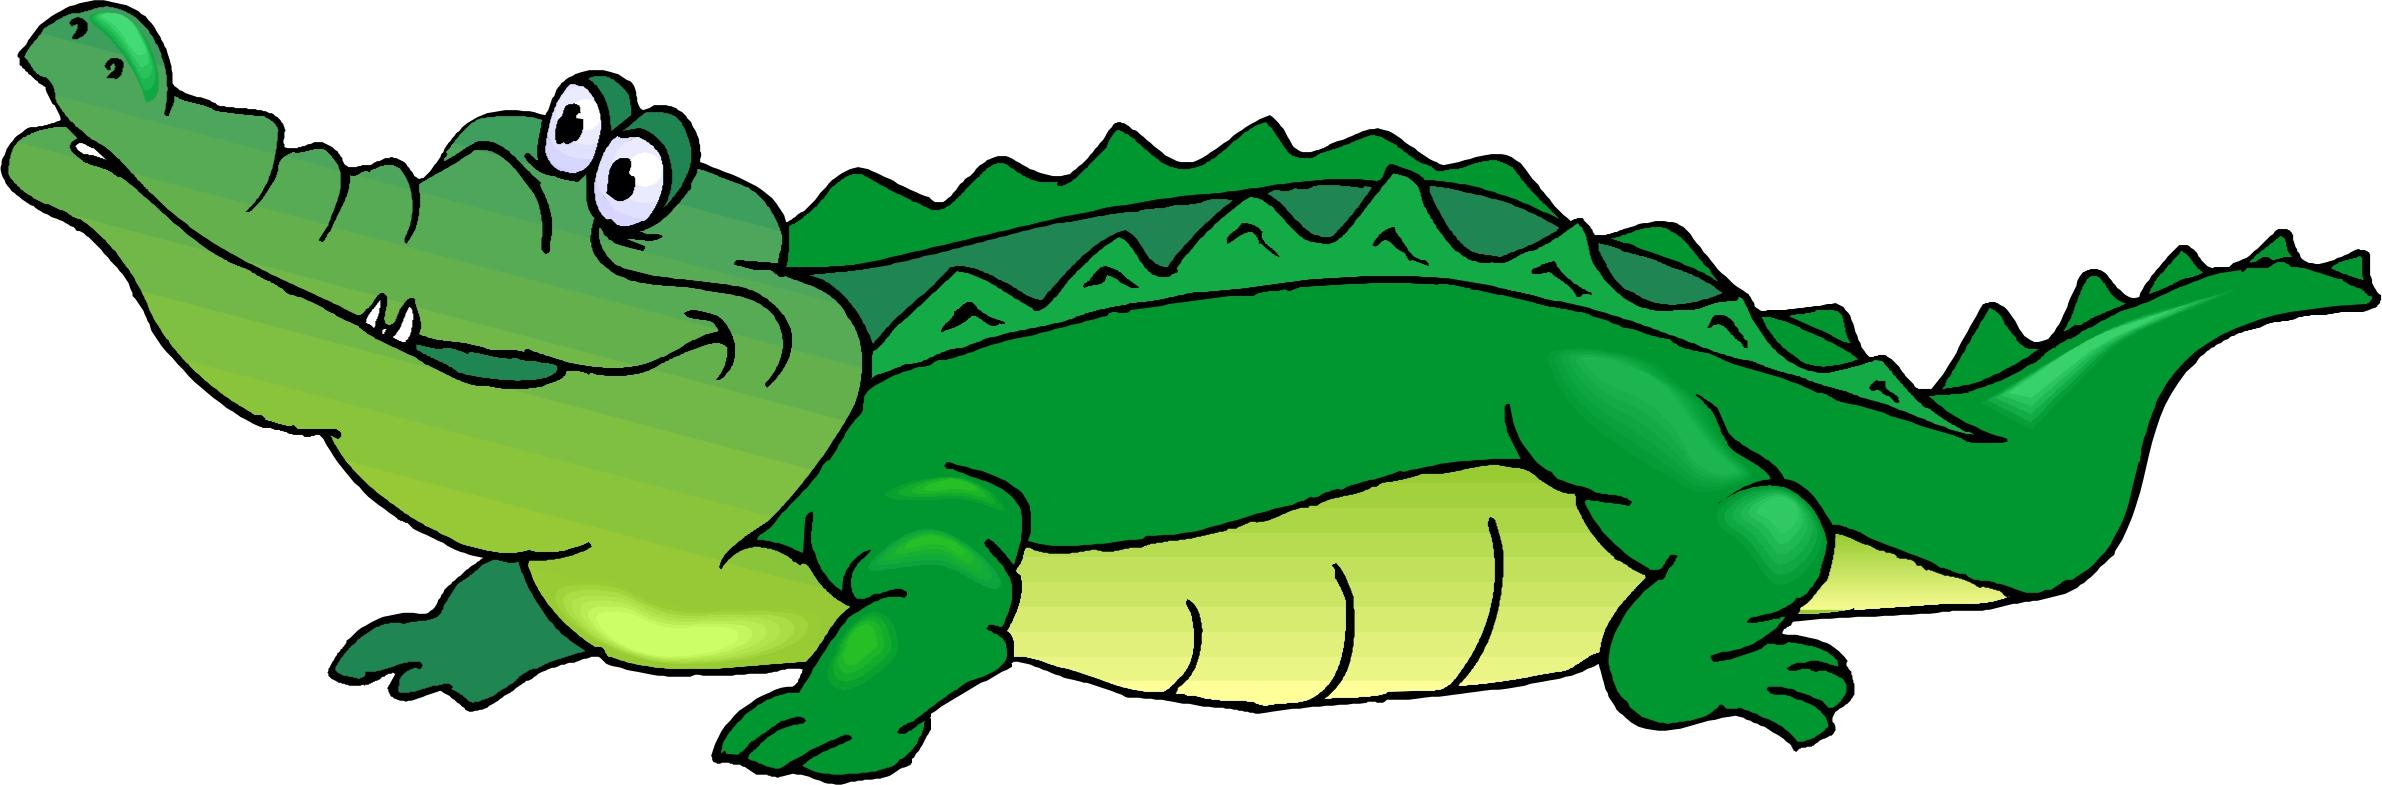 Free Crocodile Cliparts, Download Free Clip Art, Free Clip.